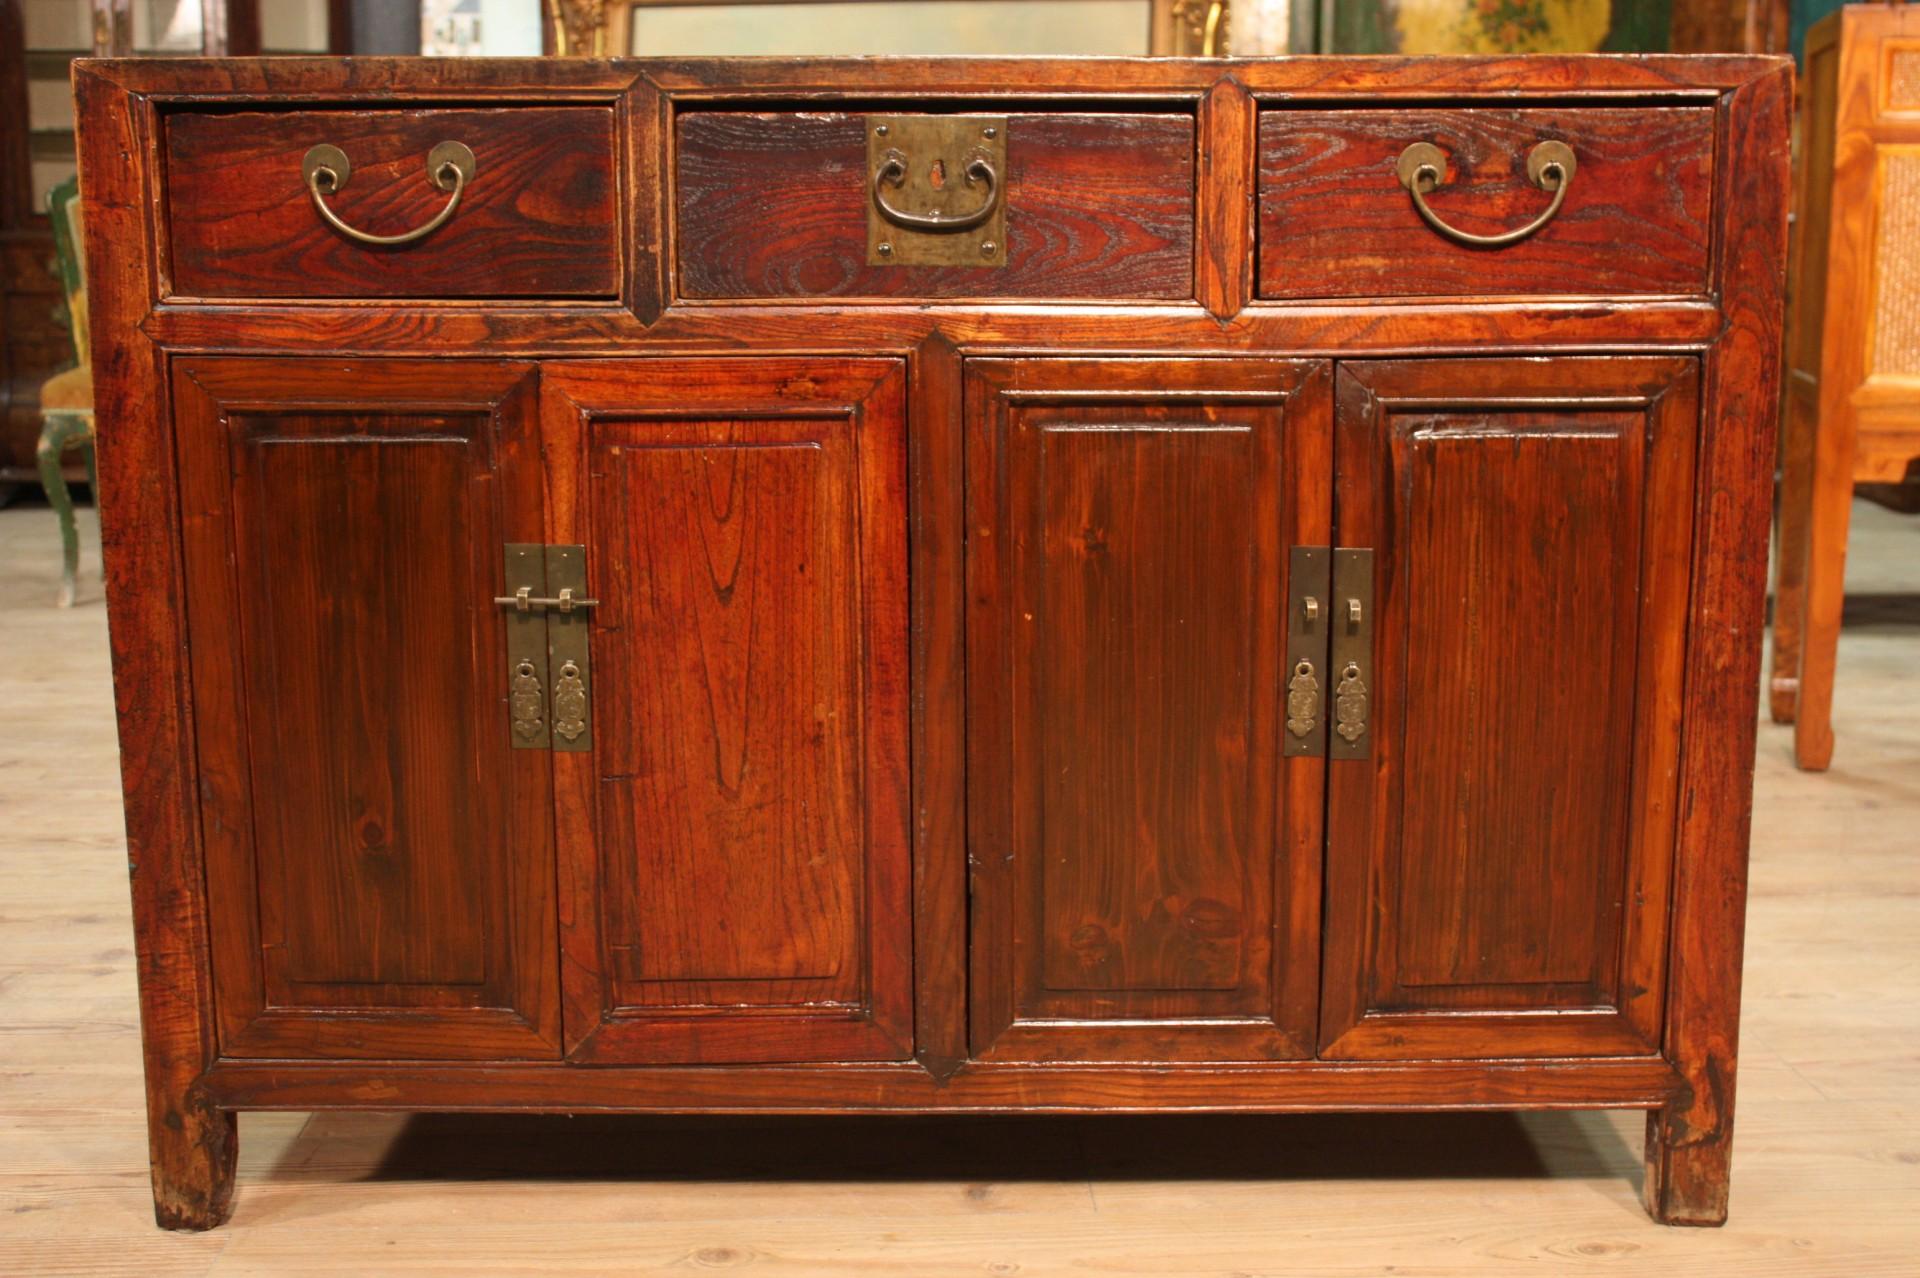 Credenza Rustica In Legno : Credenza orientale rustica in legno